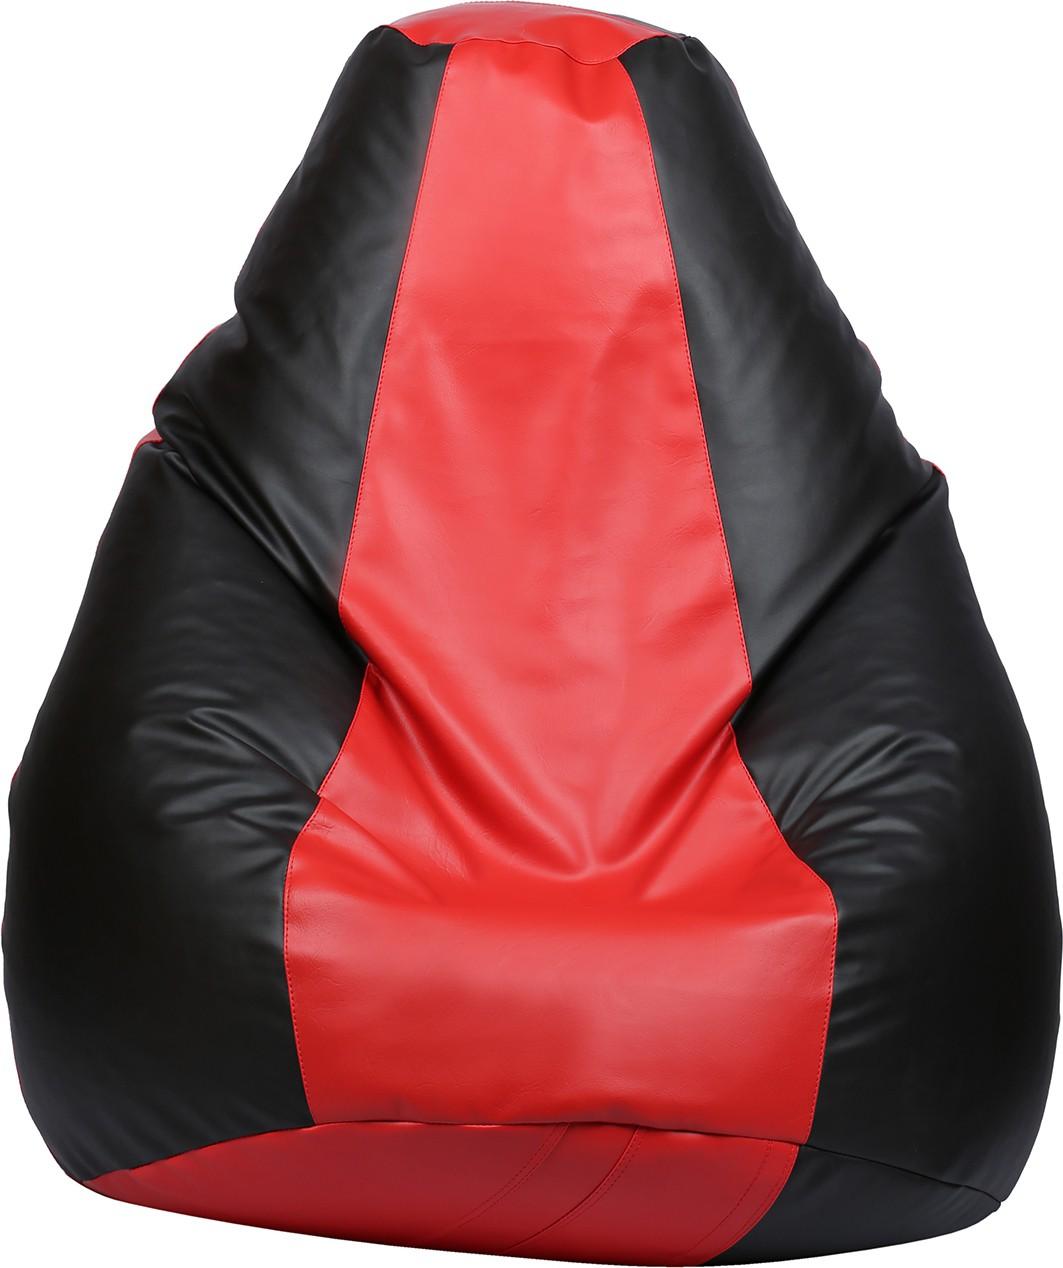 View VizwaSS XXXL Teardrop Bean Bag  With Bean Filling(Black, Red) Furniture (VizwaSS)